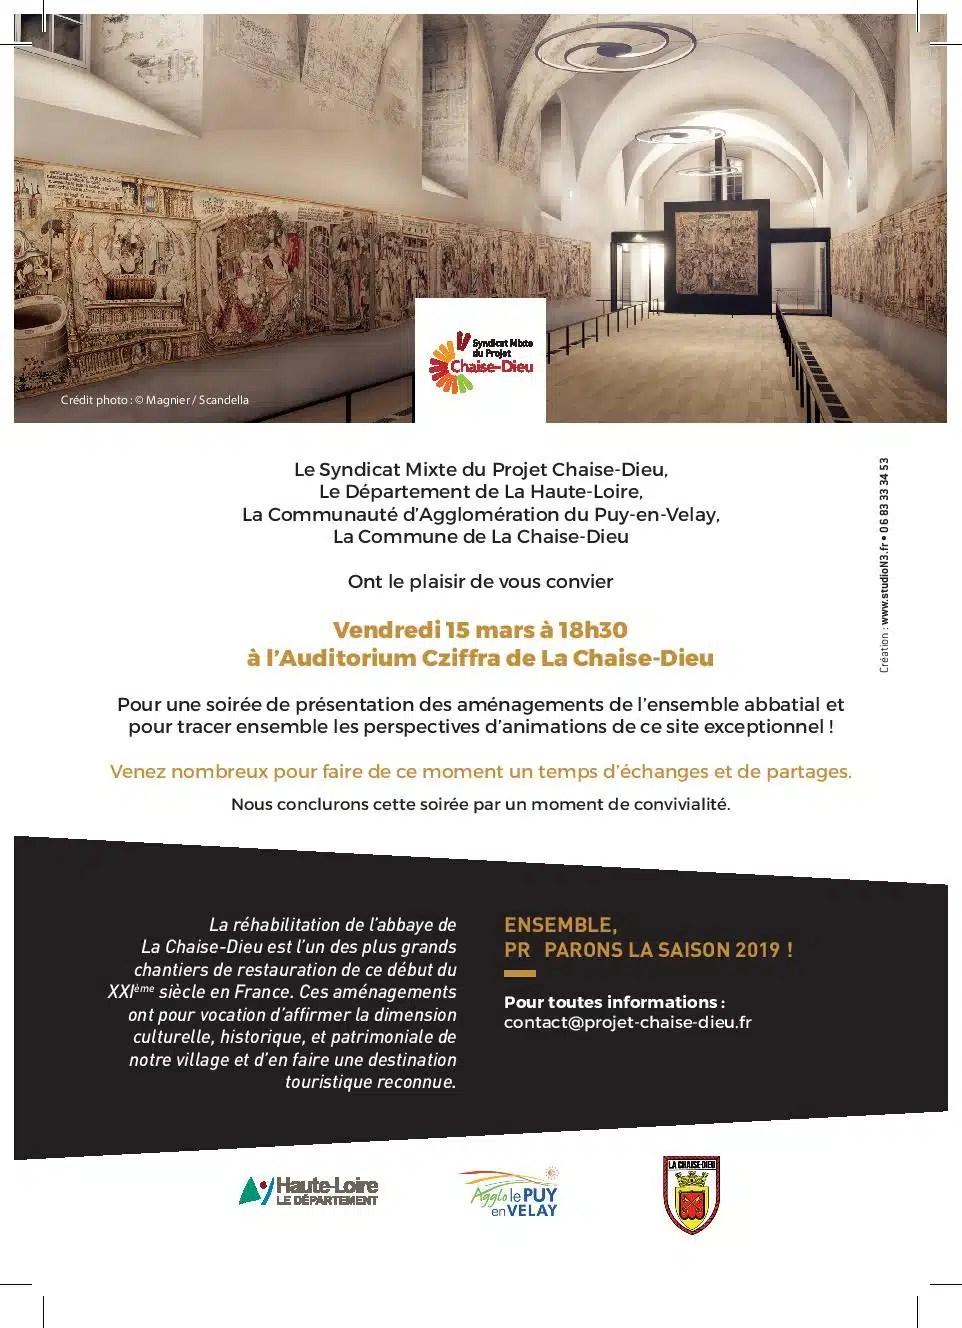 Design Creation Le Puy En Velay le futur projet chaise-dieu - bonjour marcel